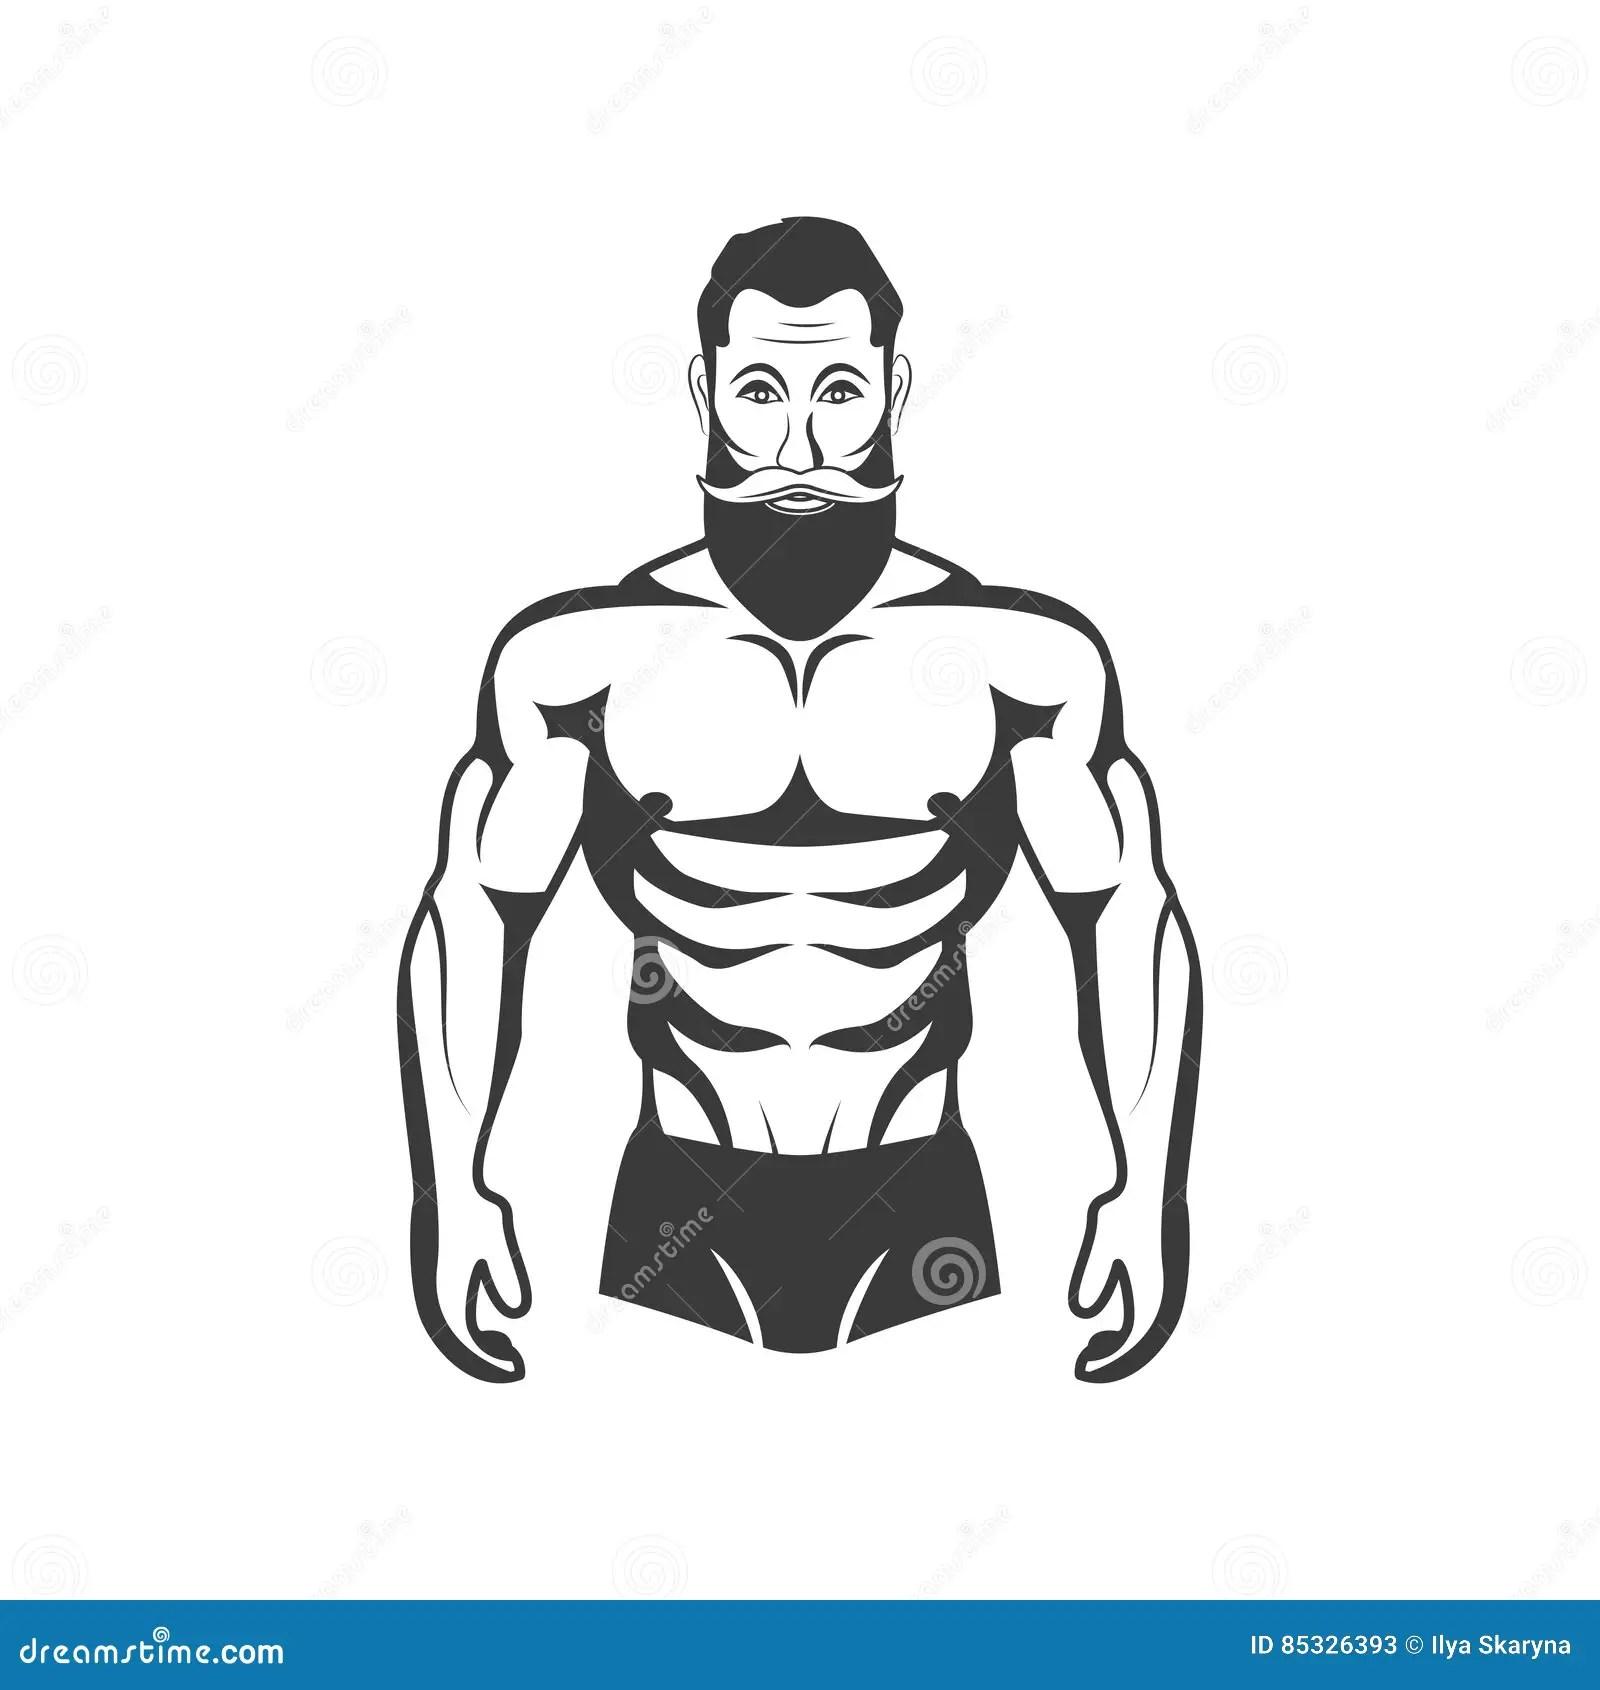 Bodybuilder Fitness Model Illustration Aesthetic Body